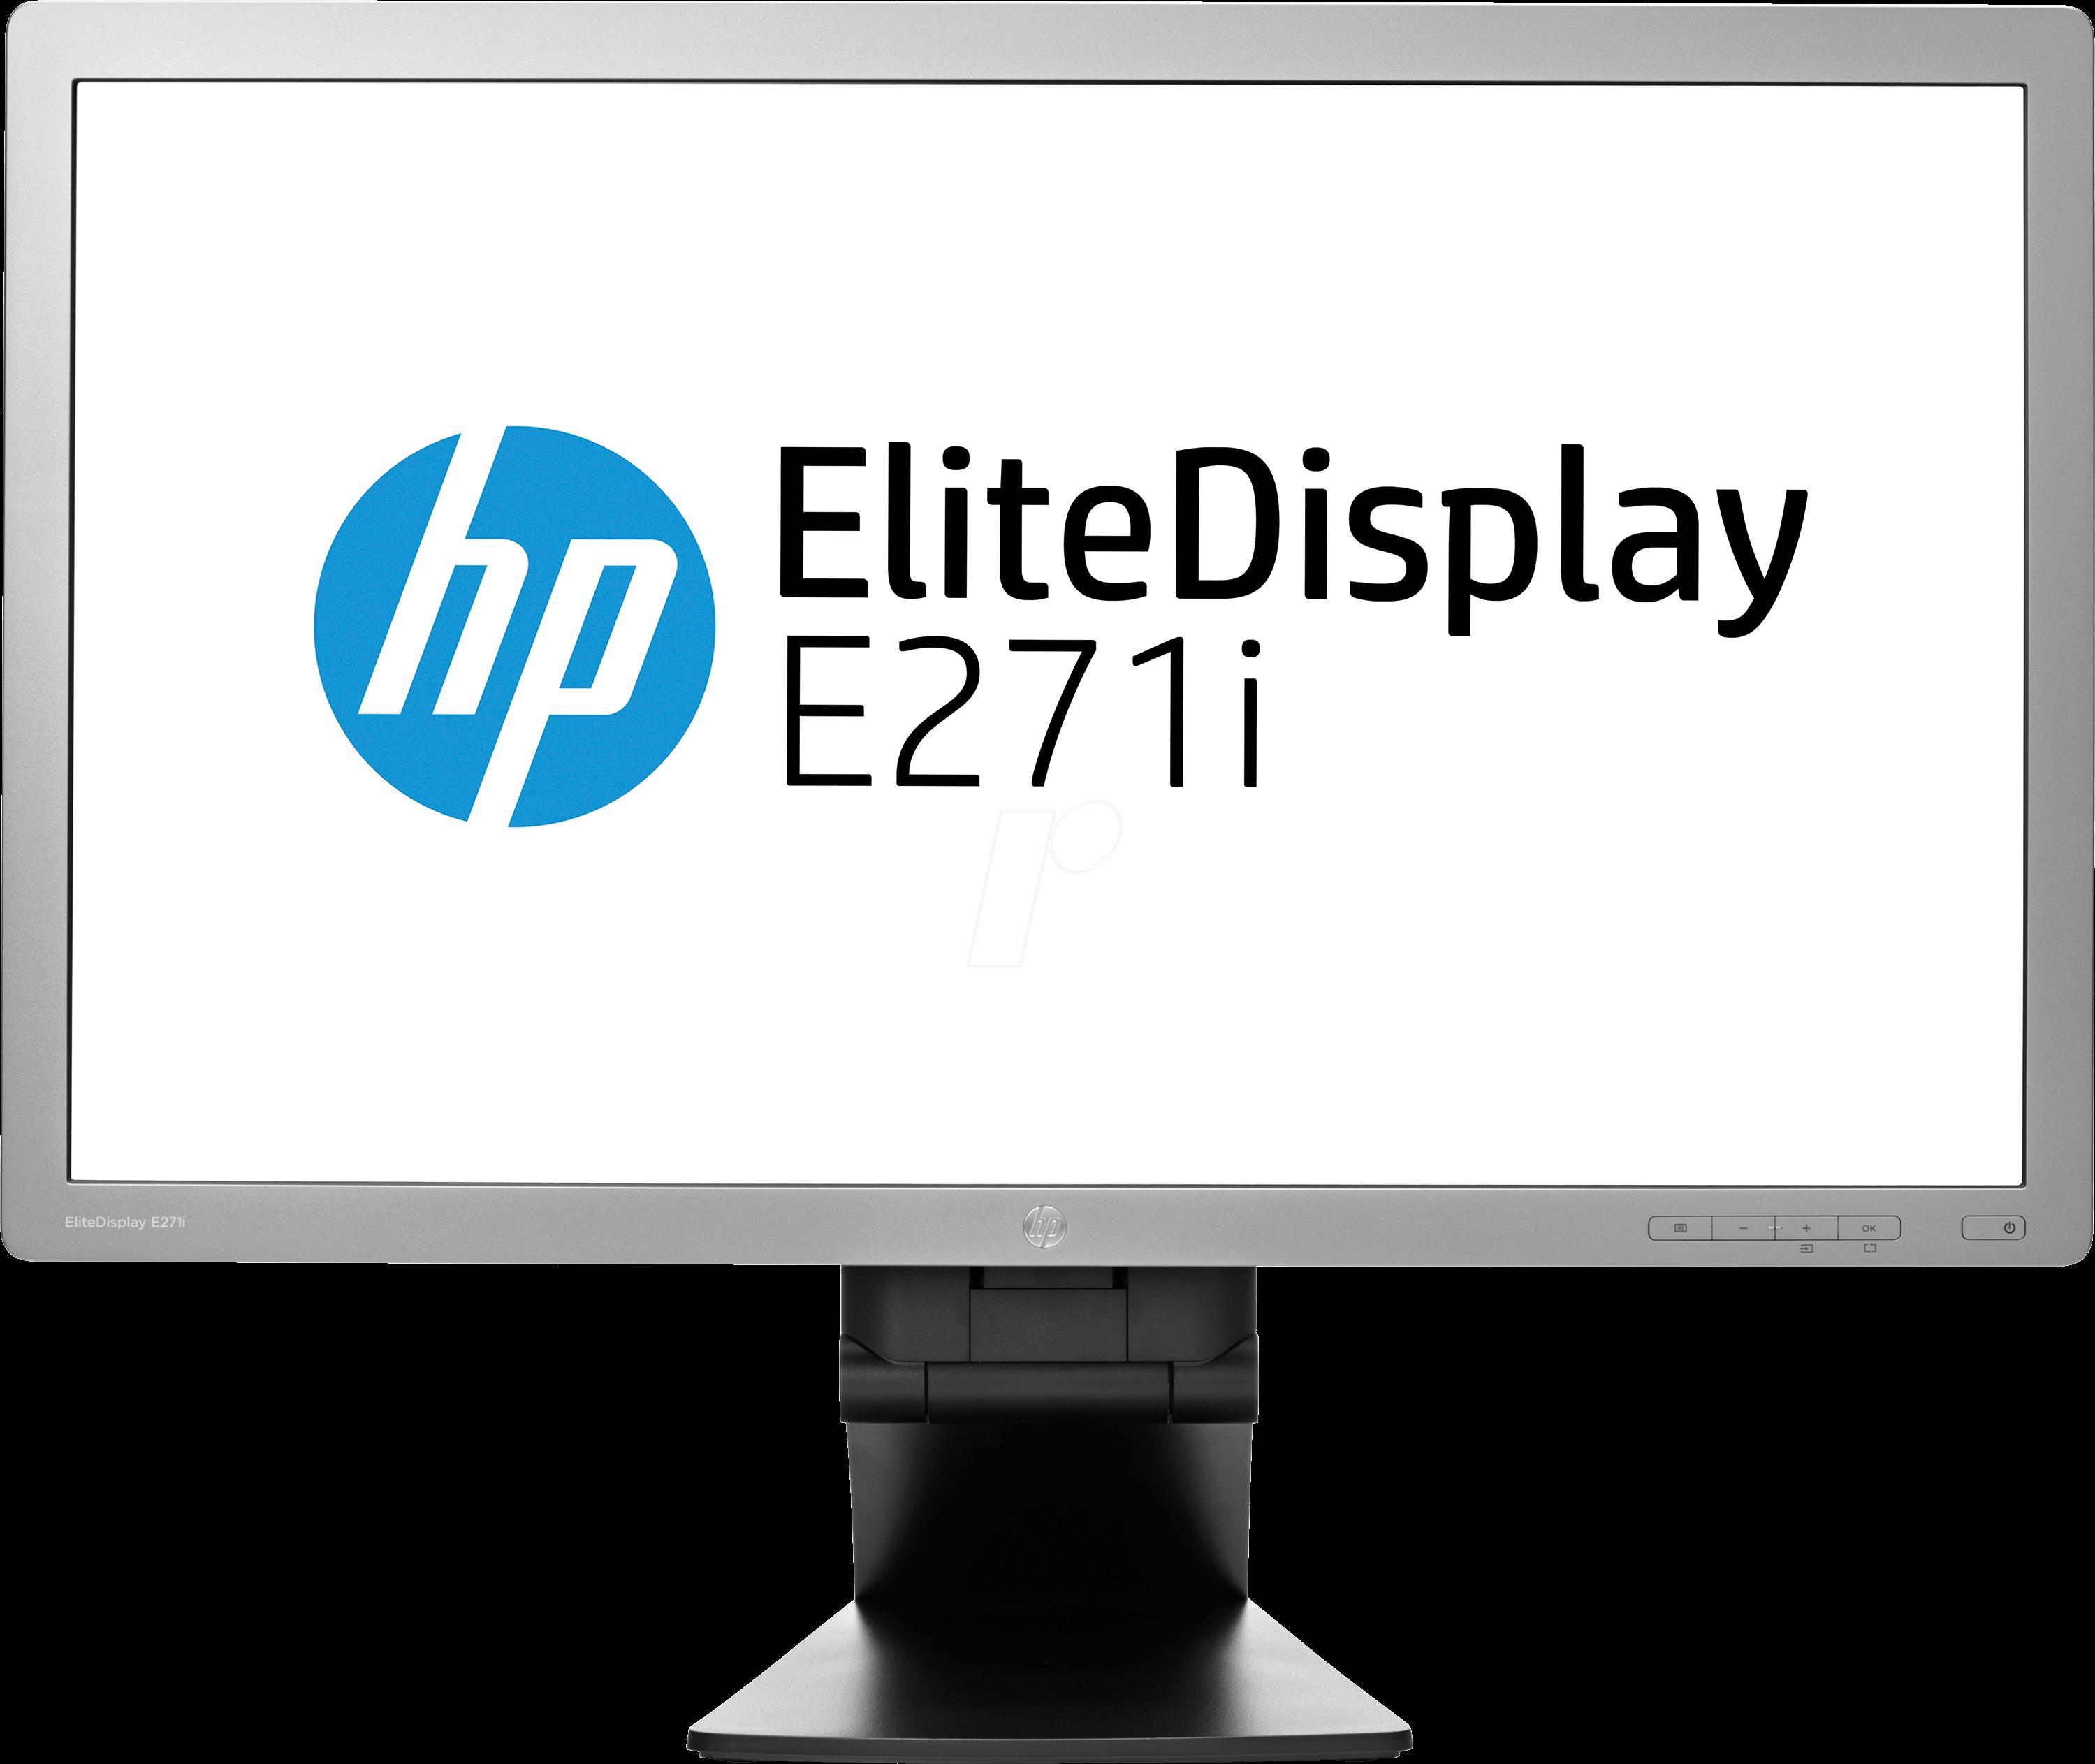 https://cdn-reichelt.de/bilder/web/xxl_ws/E300/HP_D7Z72AA_01.png